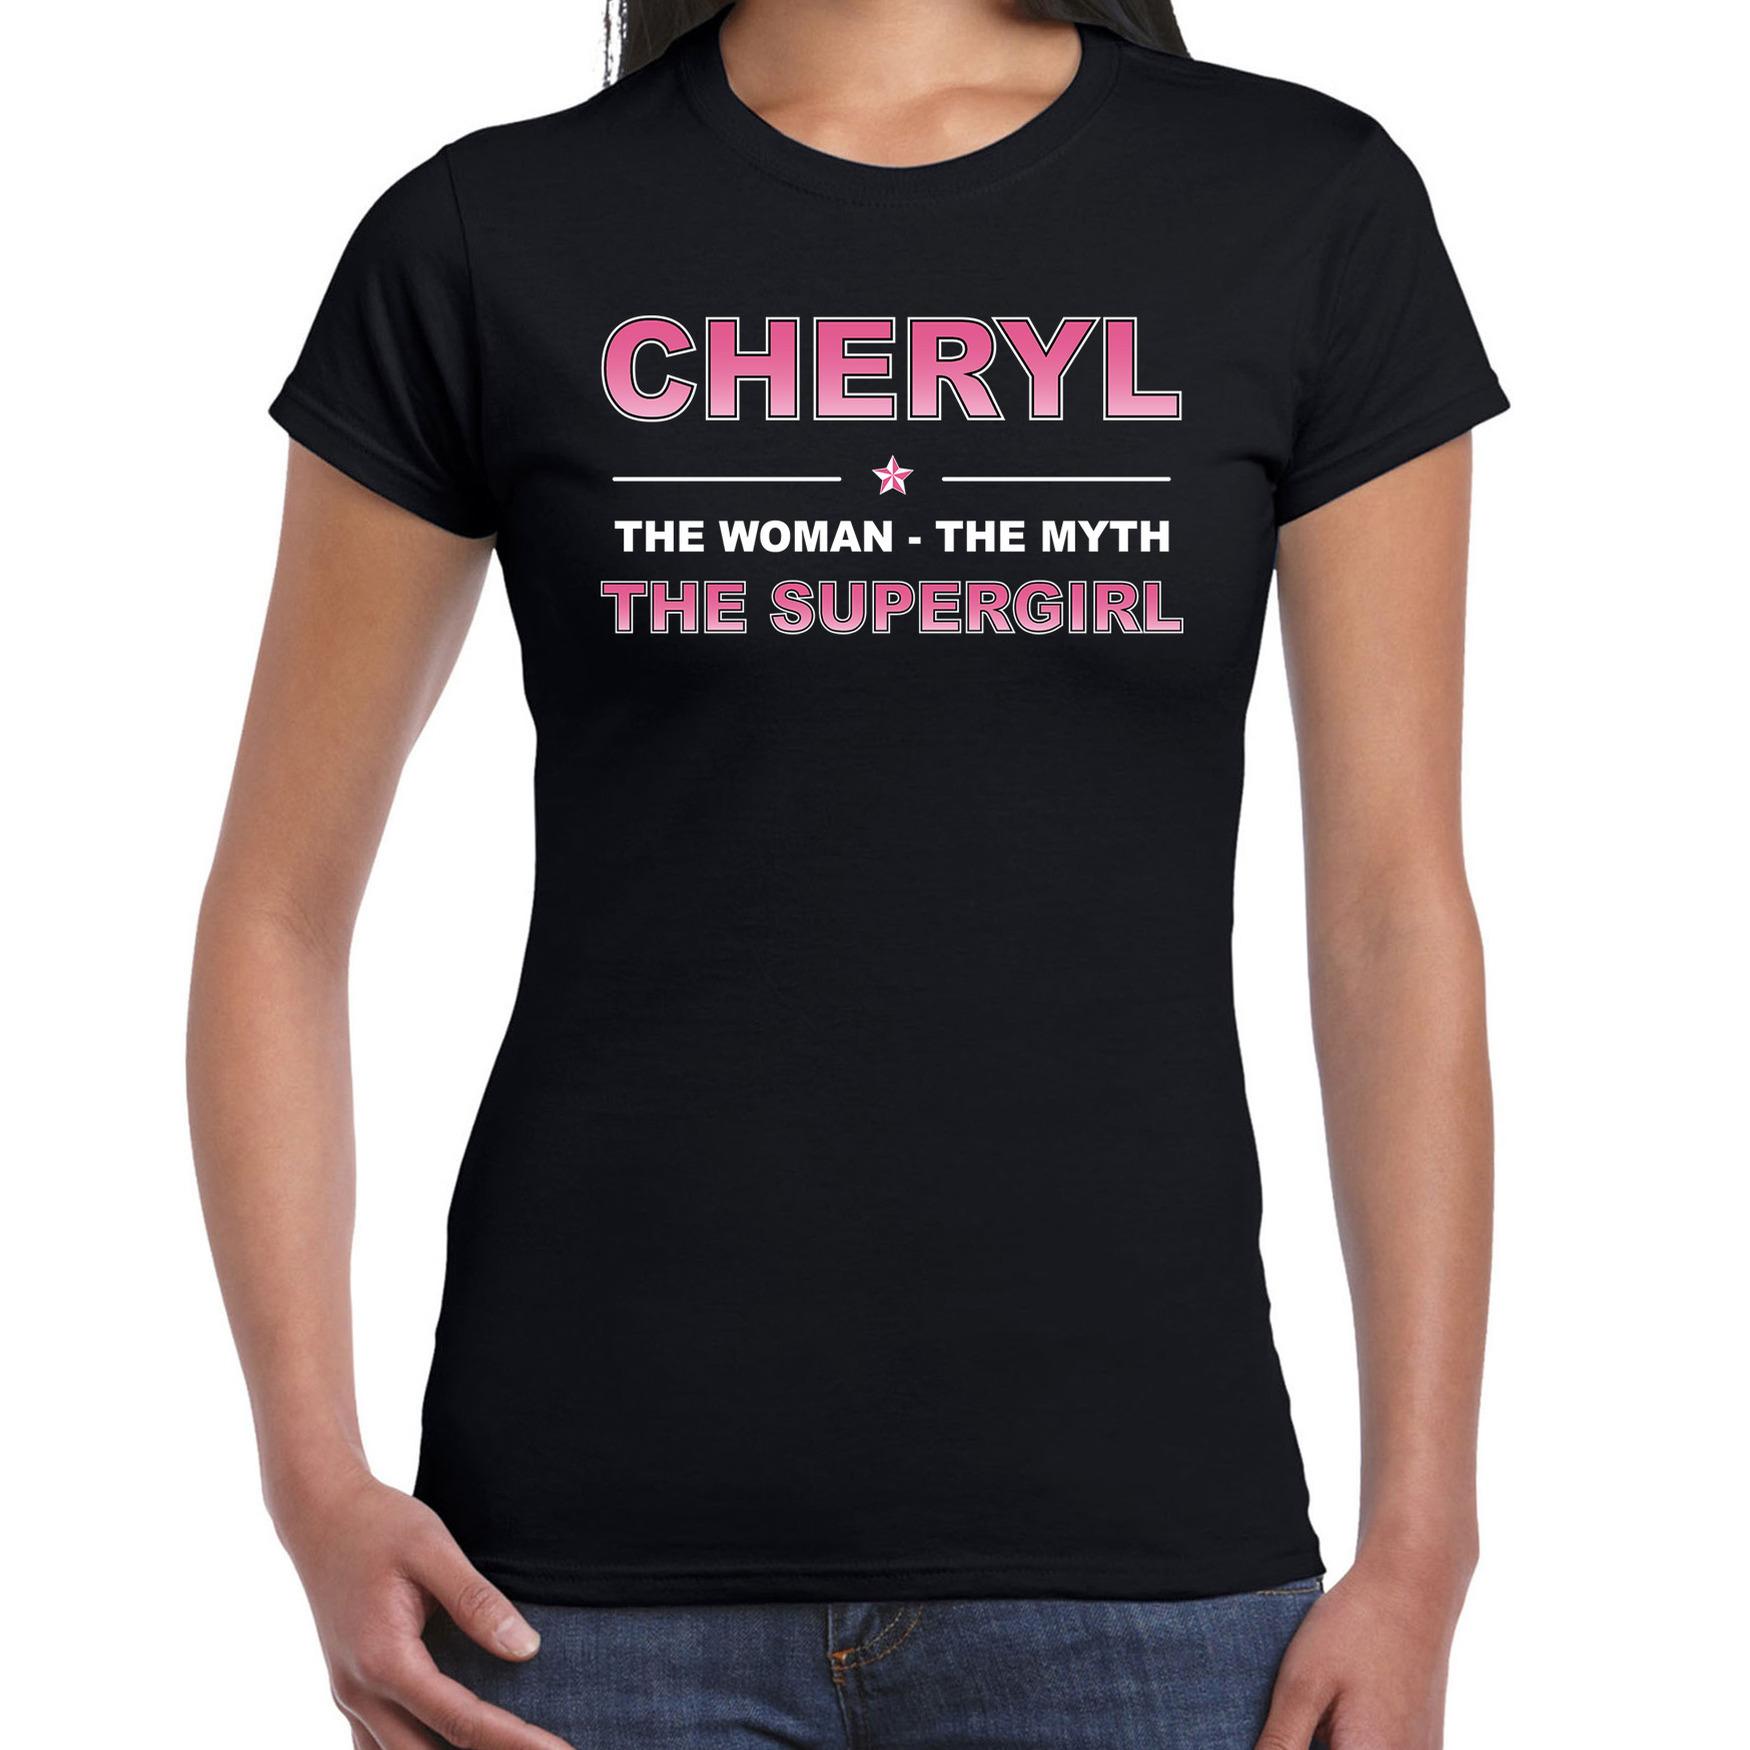 Naam cadeau t-shirt / shirt Cheryl - the supergirl zwart voor dames